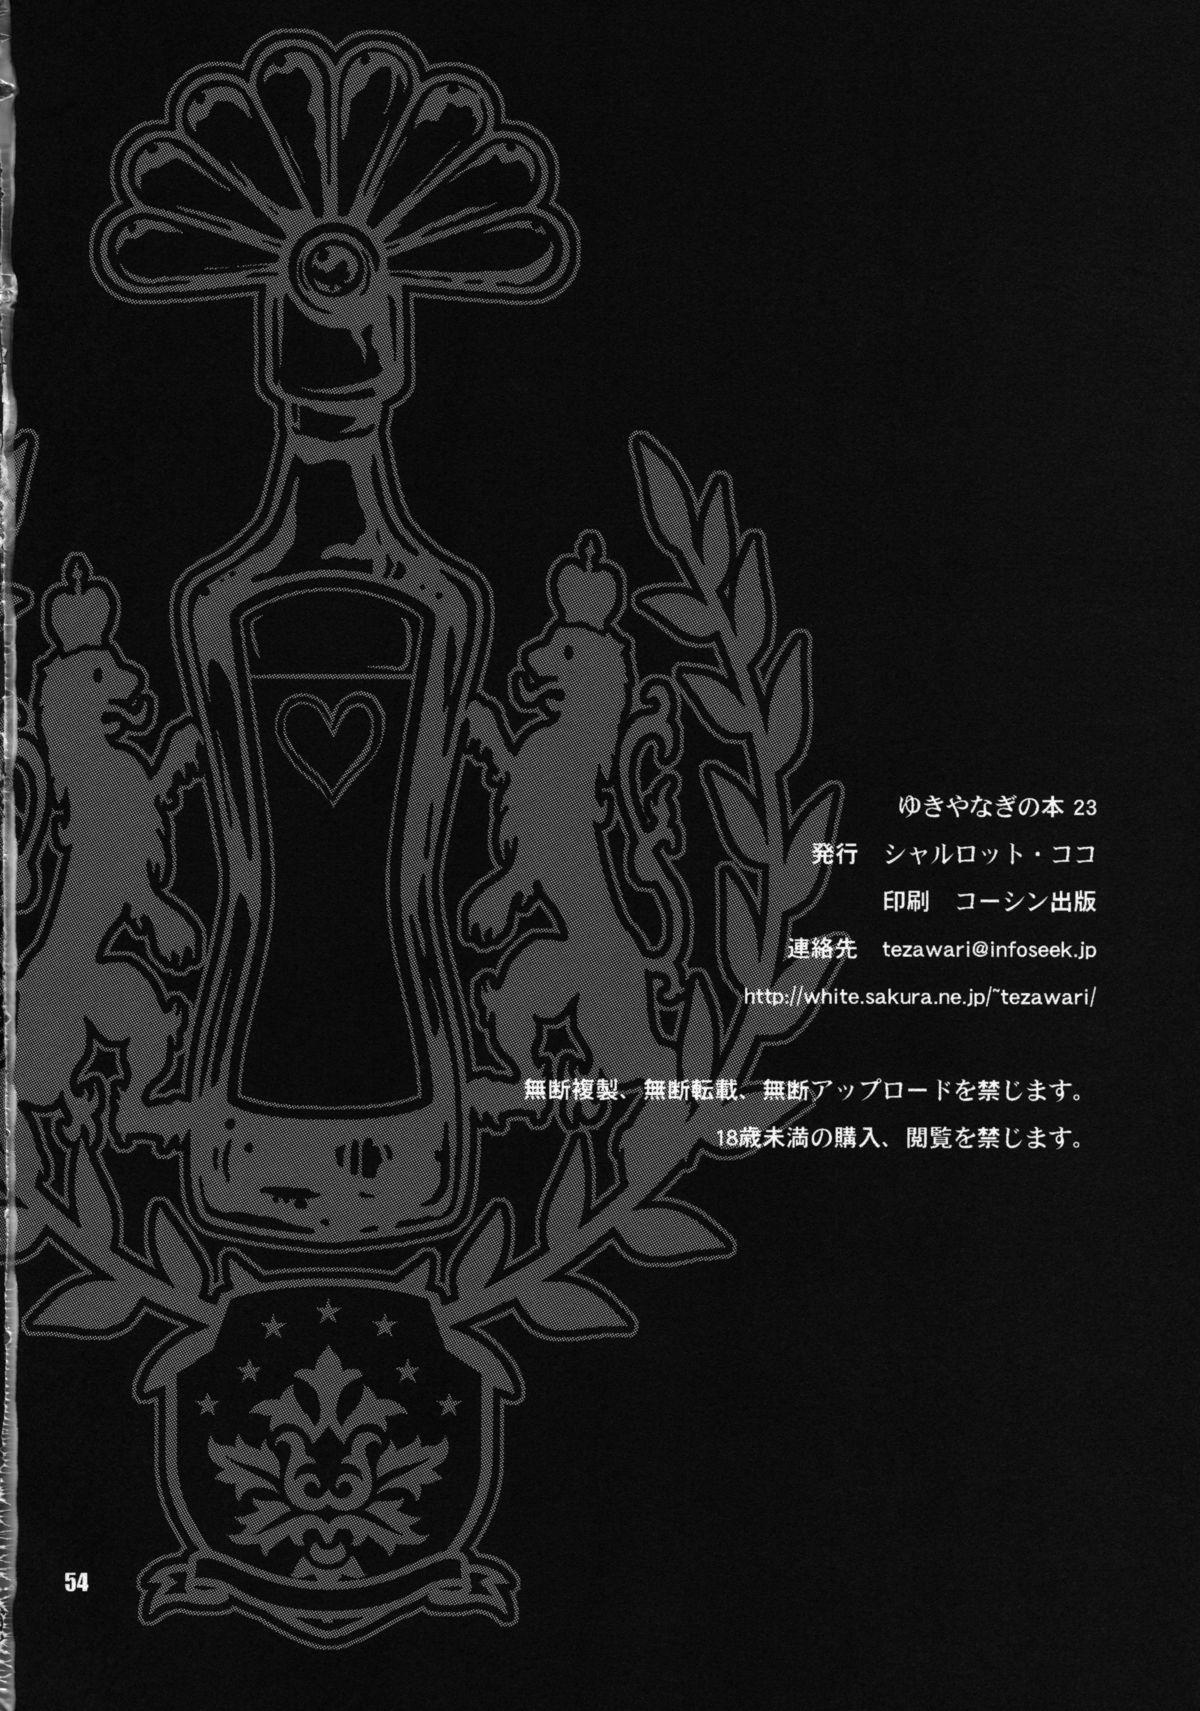 (C78) [Shallot Coco (Yukiyanagi)] Yukiyanagi no Hon 23 Nurunuru Juri & Chun-Li | Yukiyanagi's Book 23 - Slimy Juri and Chun Li  (Street Fighter IV) [English] {doujin-moe.us} 50